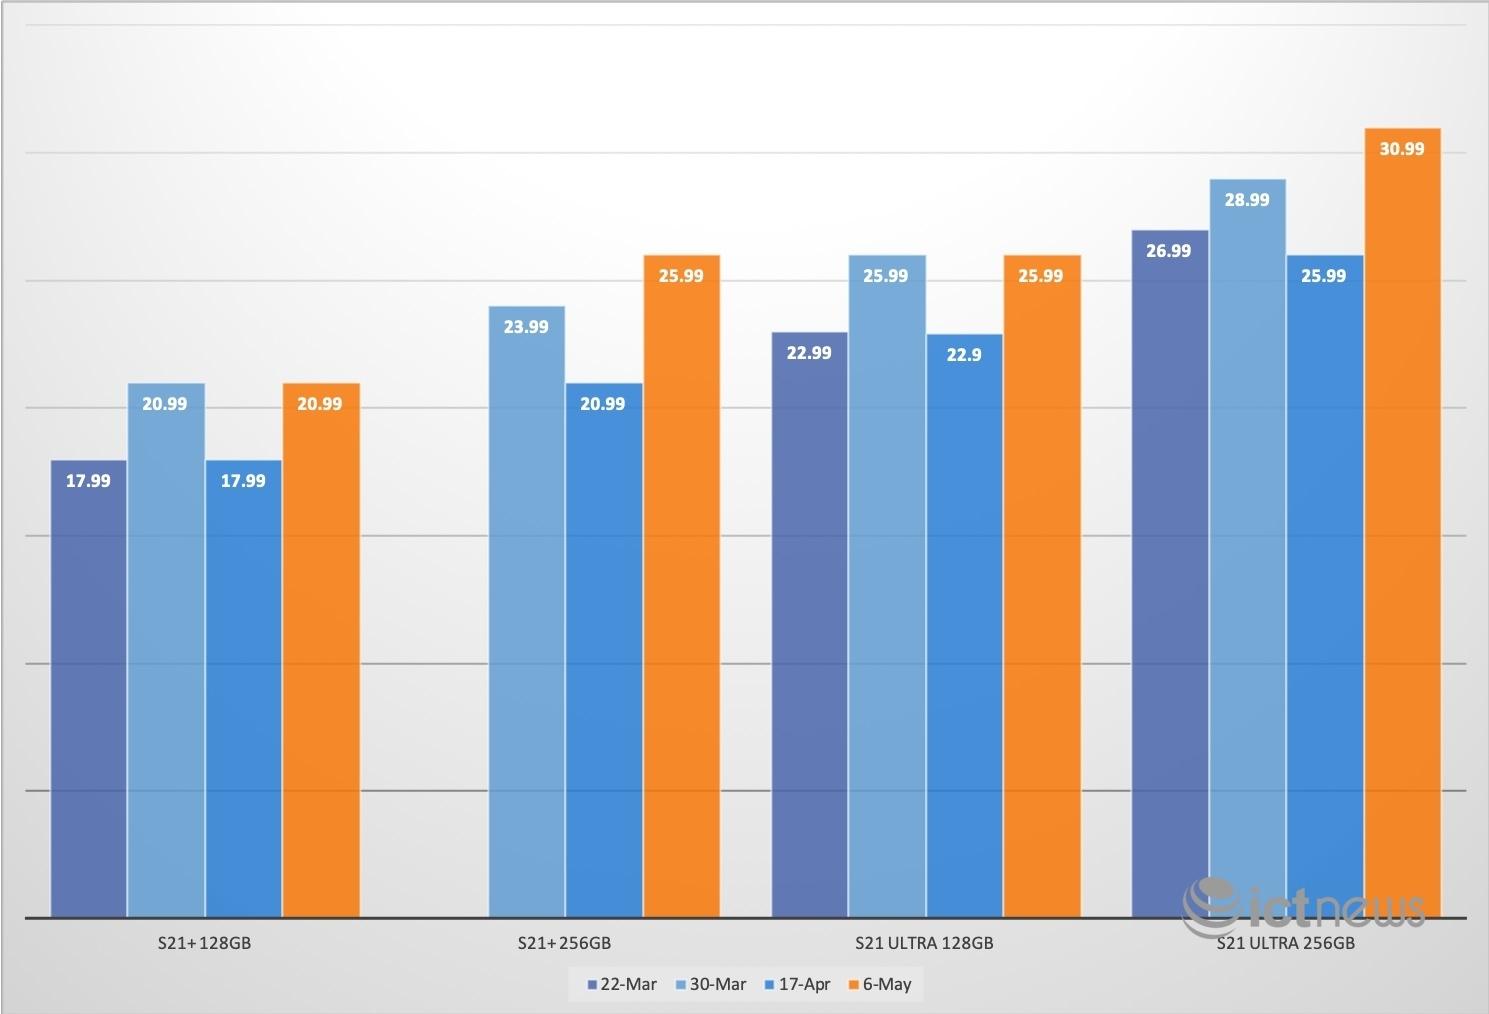 Giá Galaxy S21 tại Việt Nam cao hơn trước